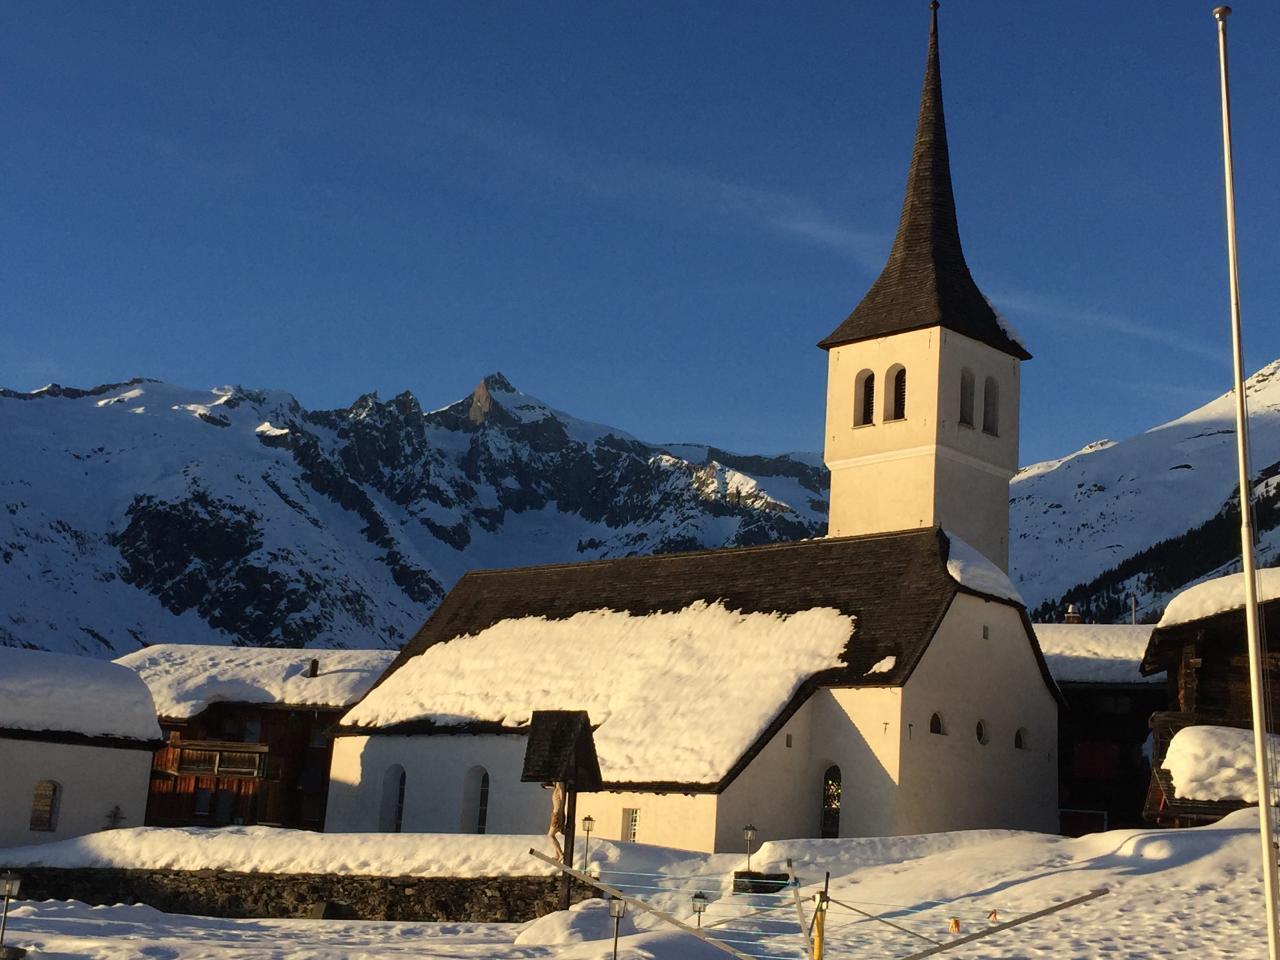 Ferienwohnung Fewo Belstar DG West (2542780), Bellwald, Aletsch - Goms, Wallis, Schweiz, Bild 16